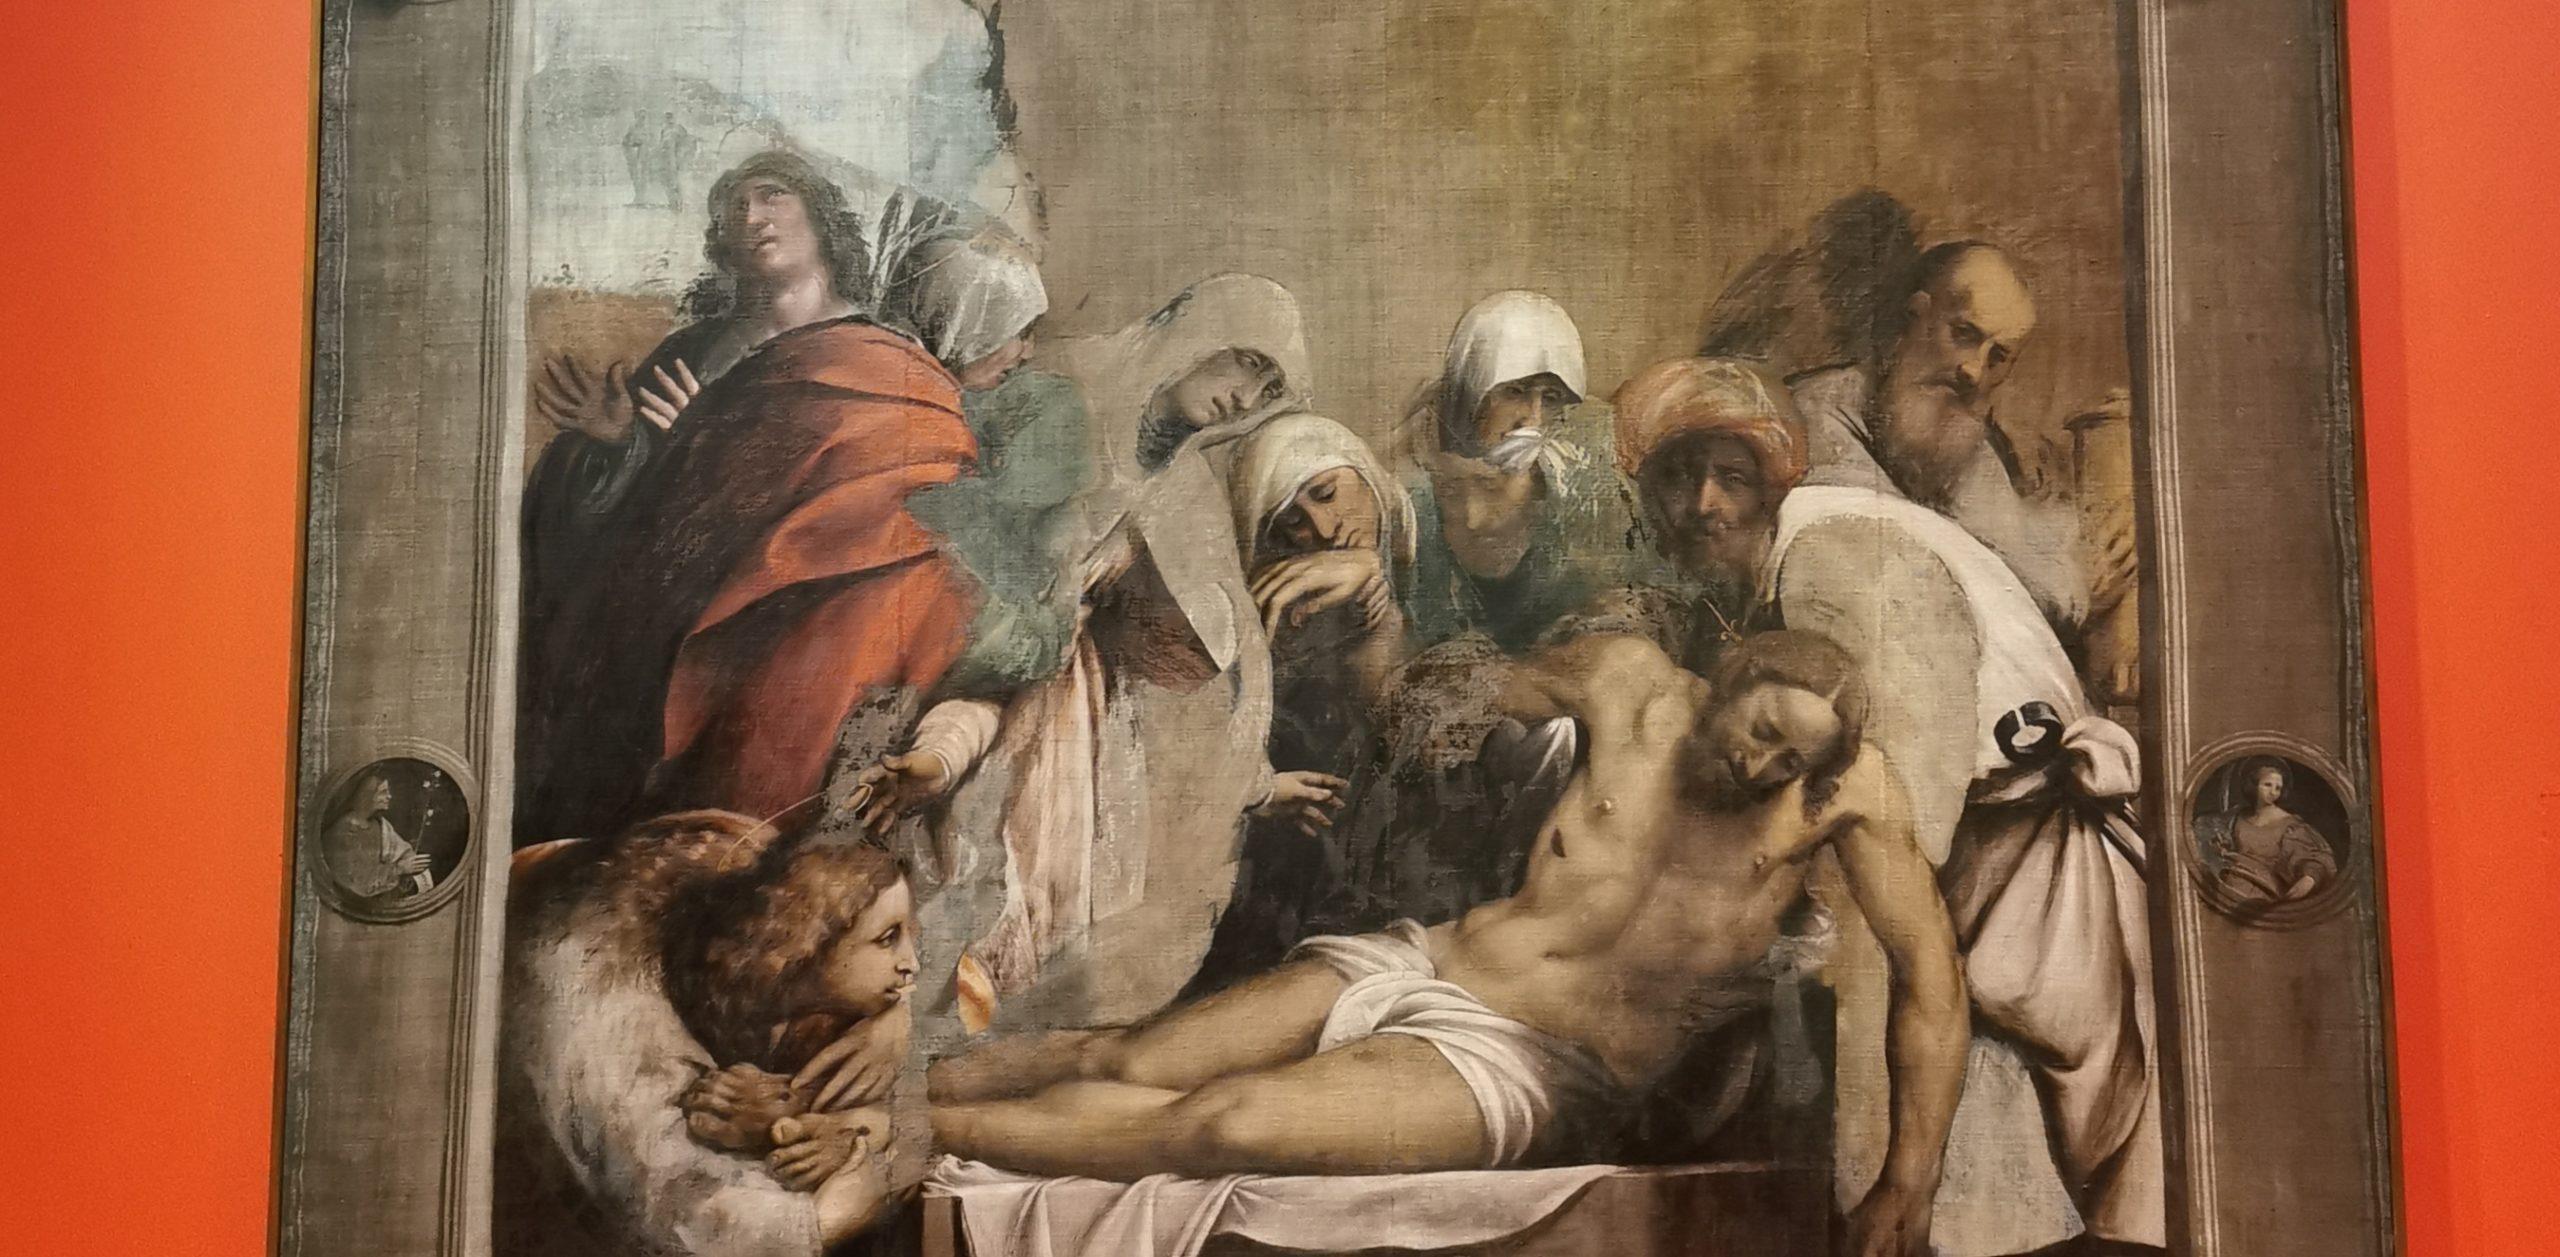 Il Rinascimento di Pordenone. Fra Michelangelo e Pollock